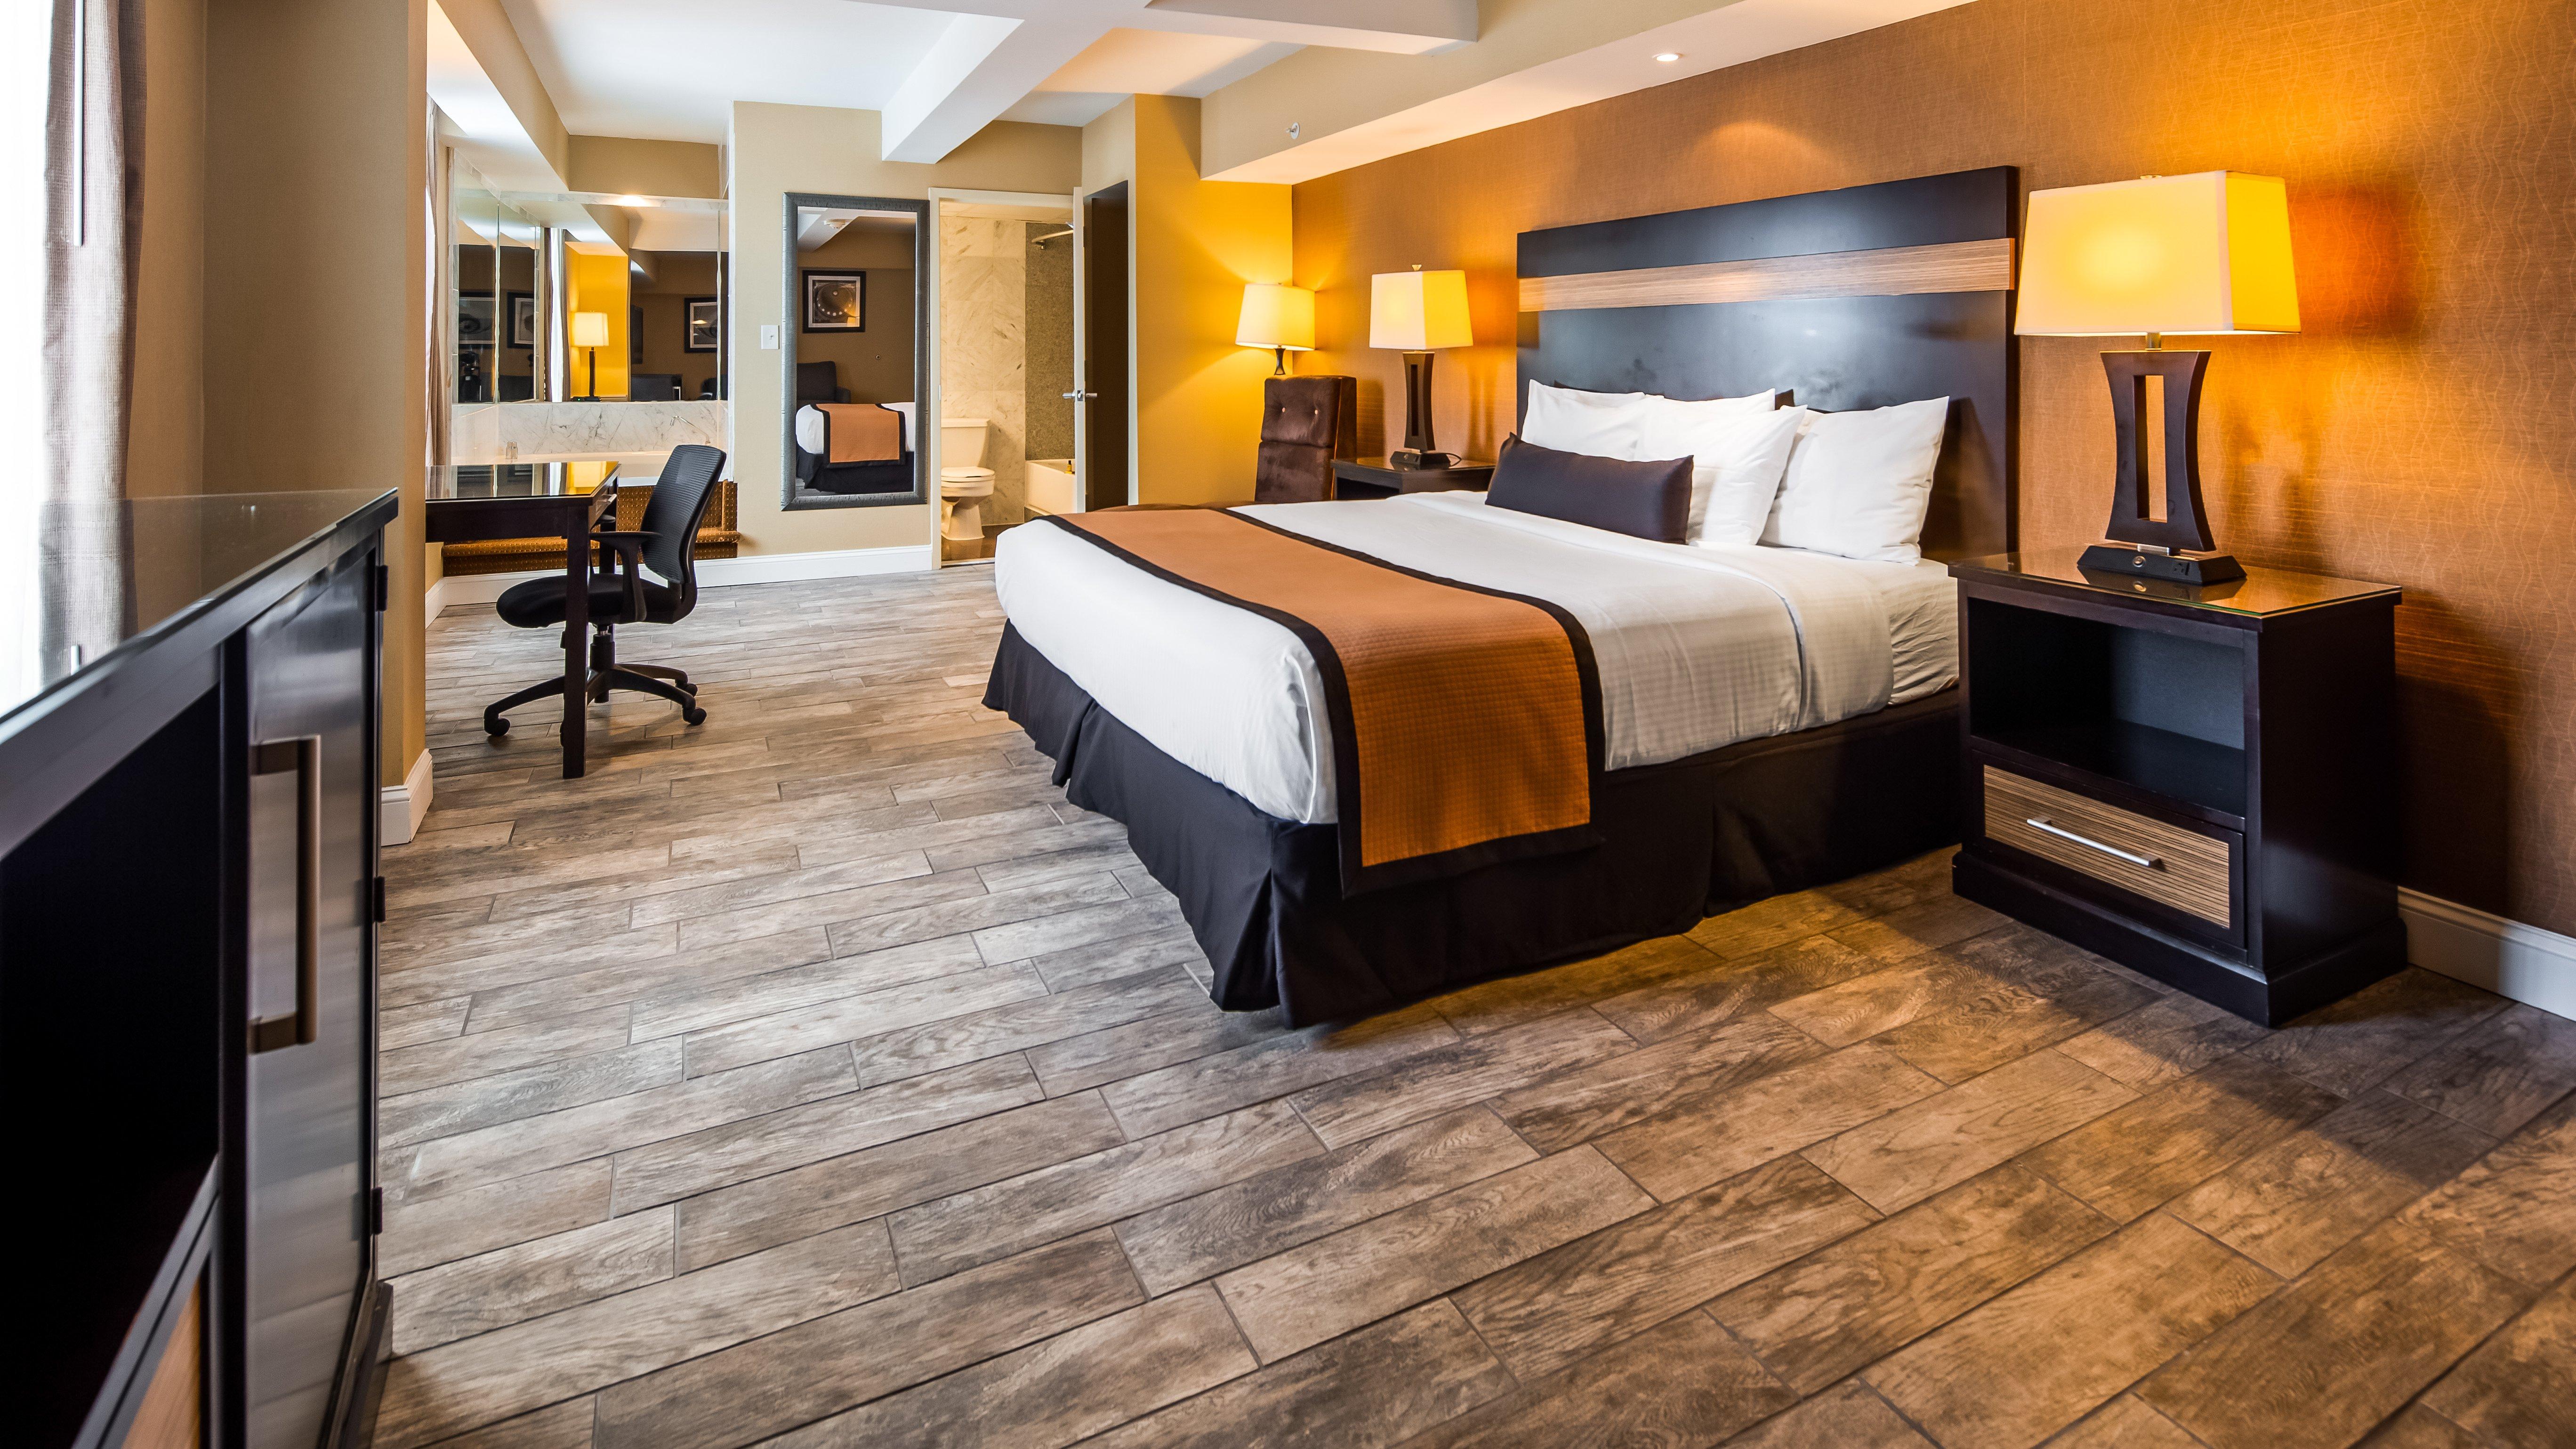 Hotel in Newark New Jersey | Best Western Newark Airport West